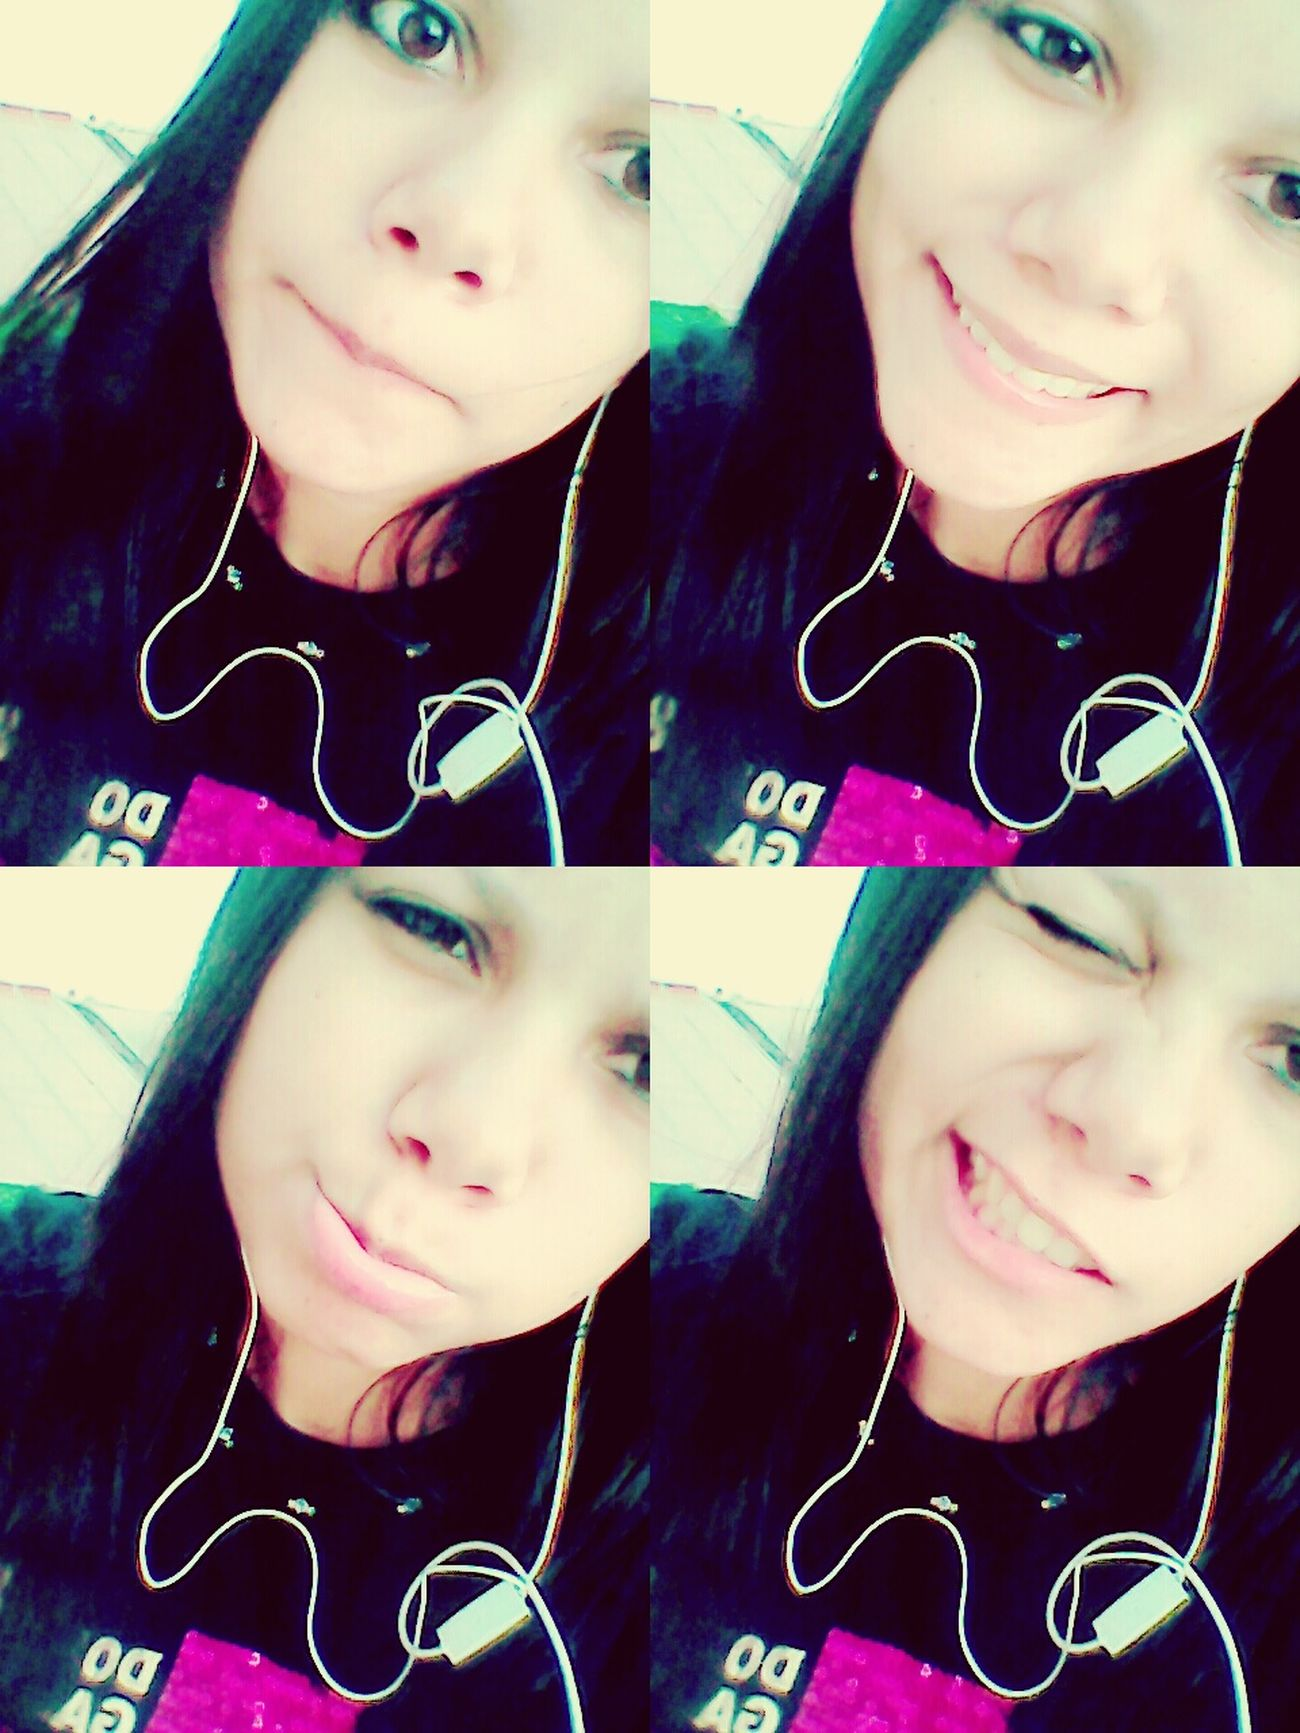 Faces RaRa  Muecas Raras!